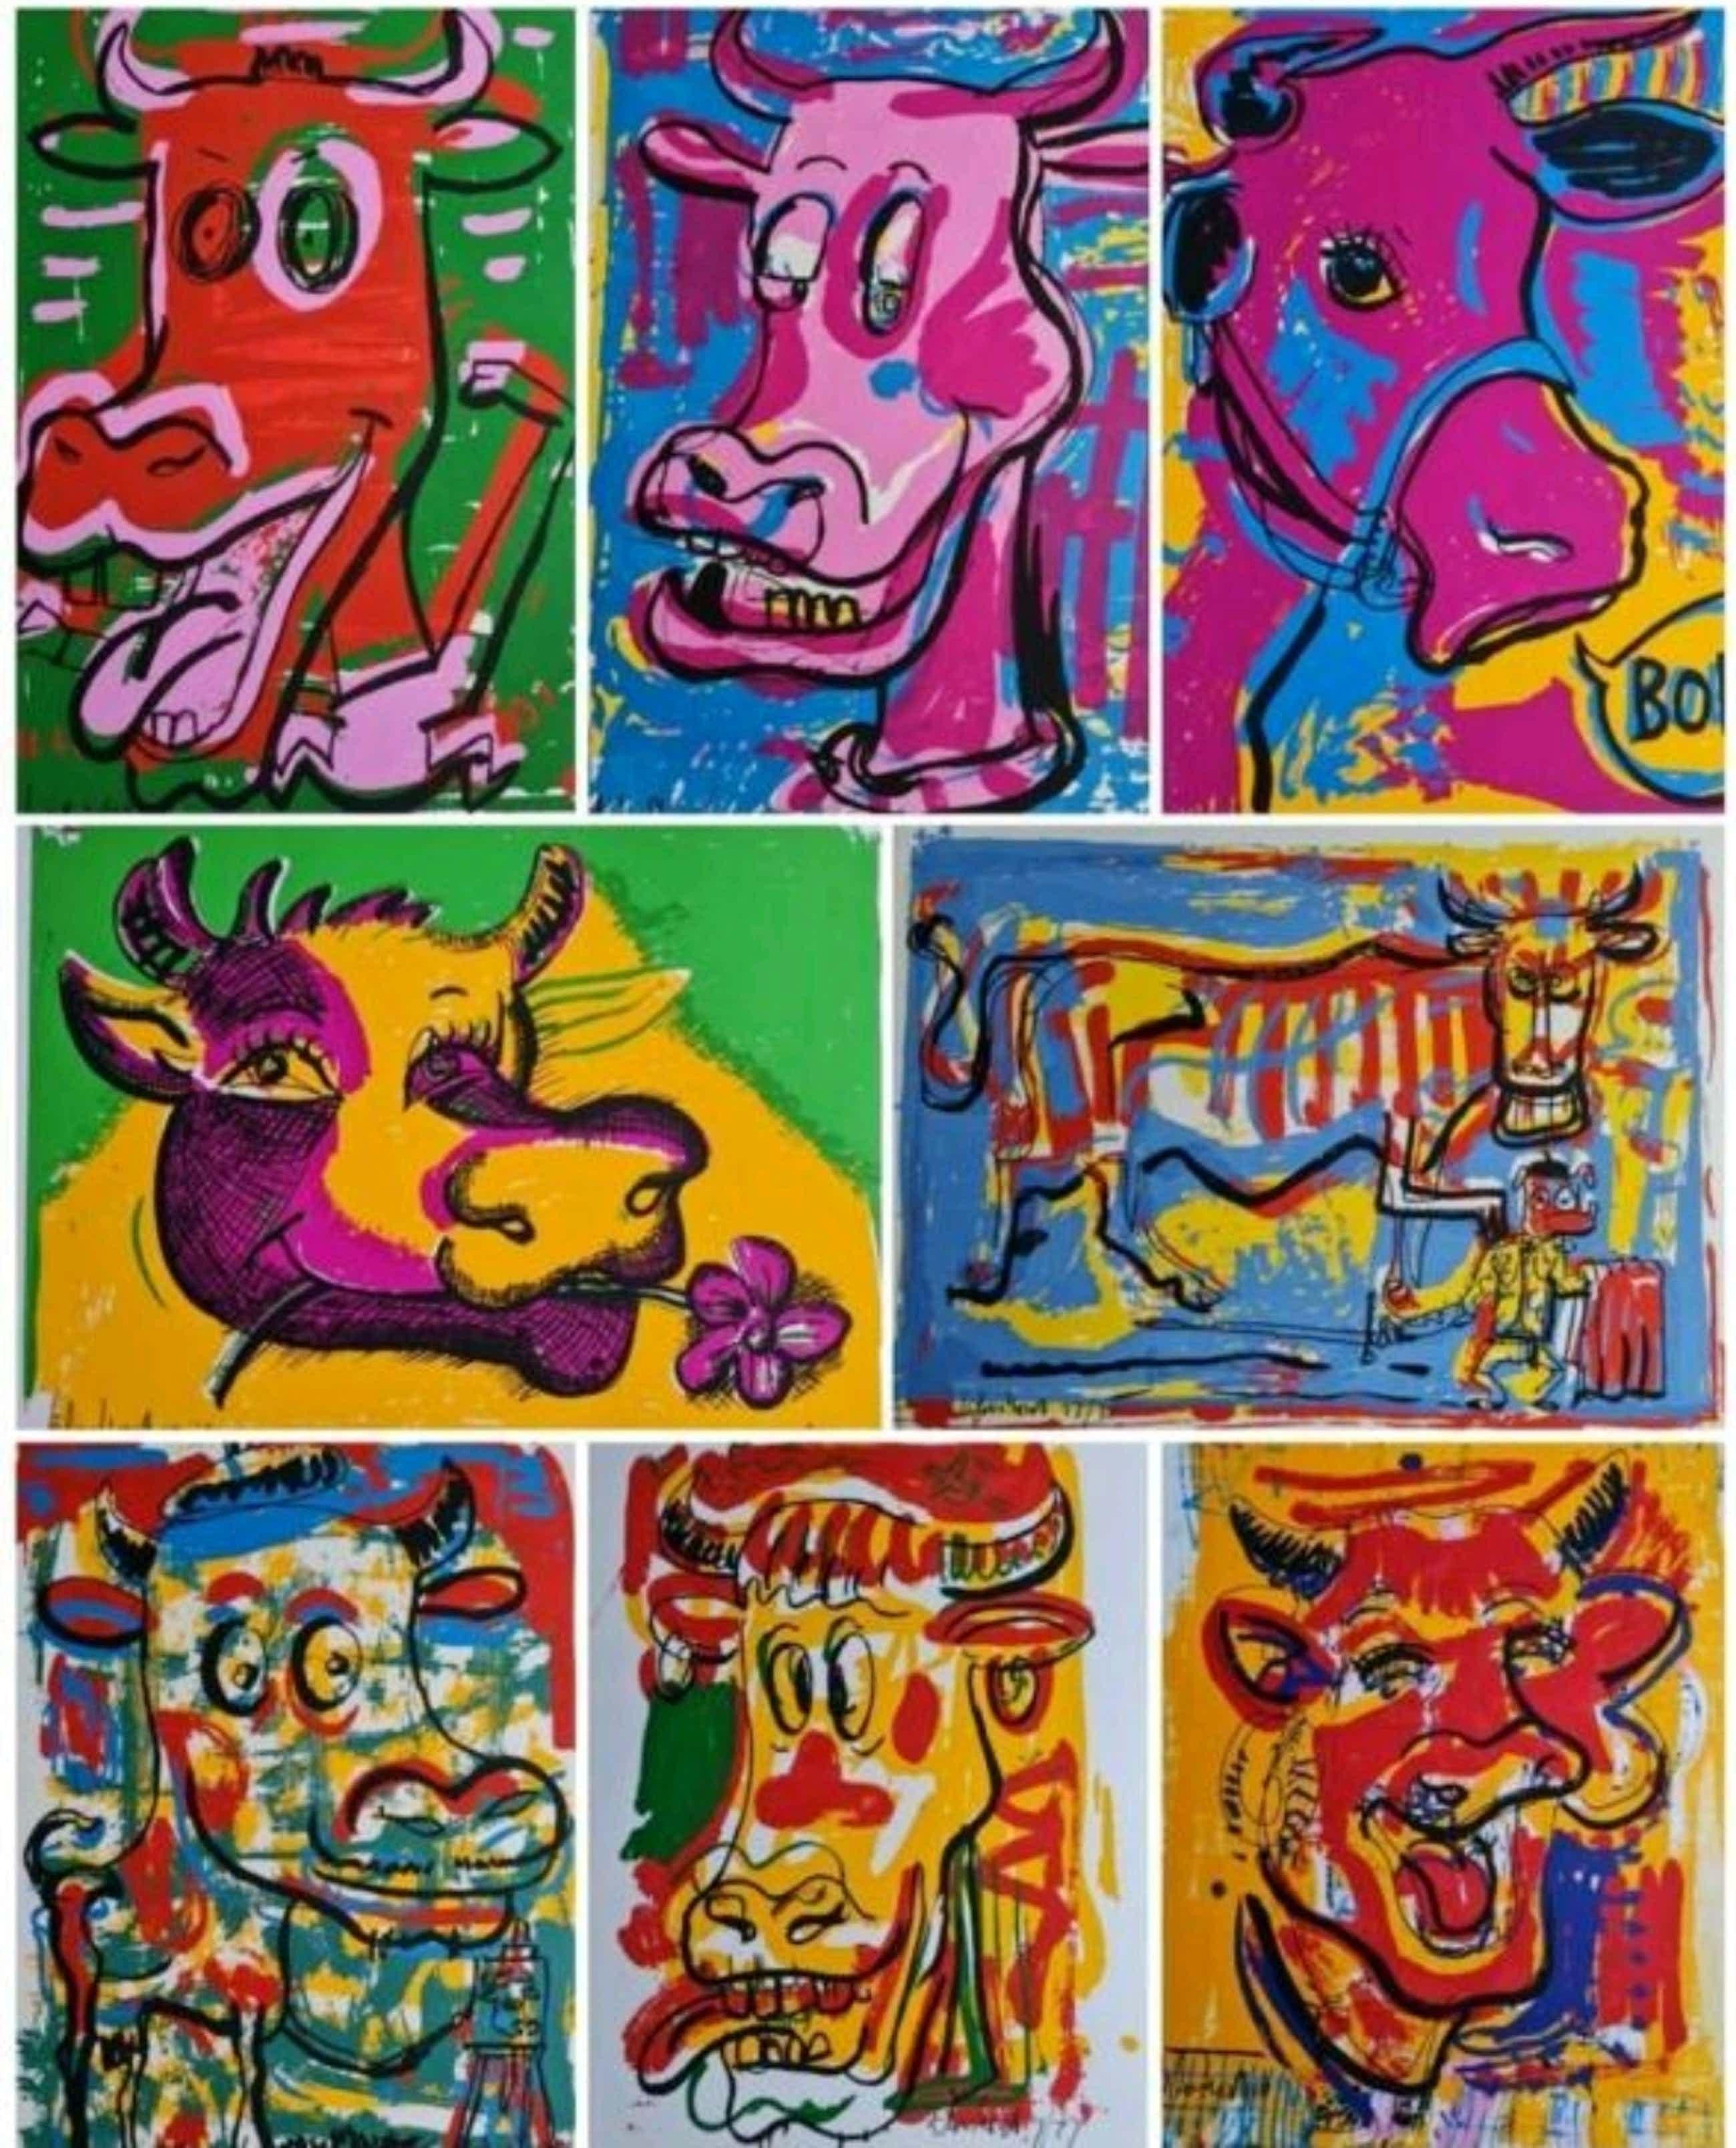 Peter Klashorst - Lot van 8 zeefdrukken - gesigneerd kopen? Bied vanaf 95!